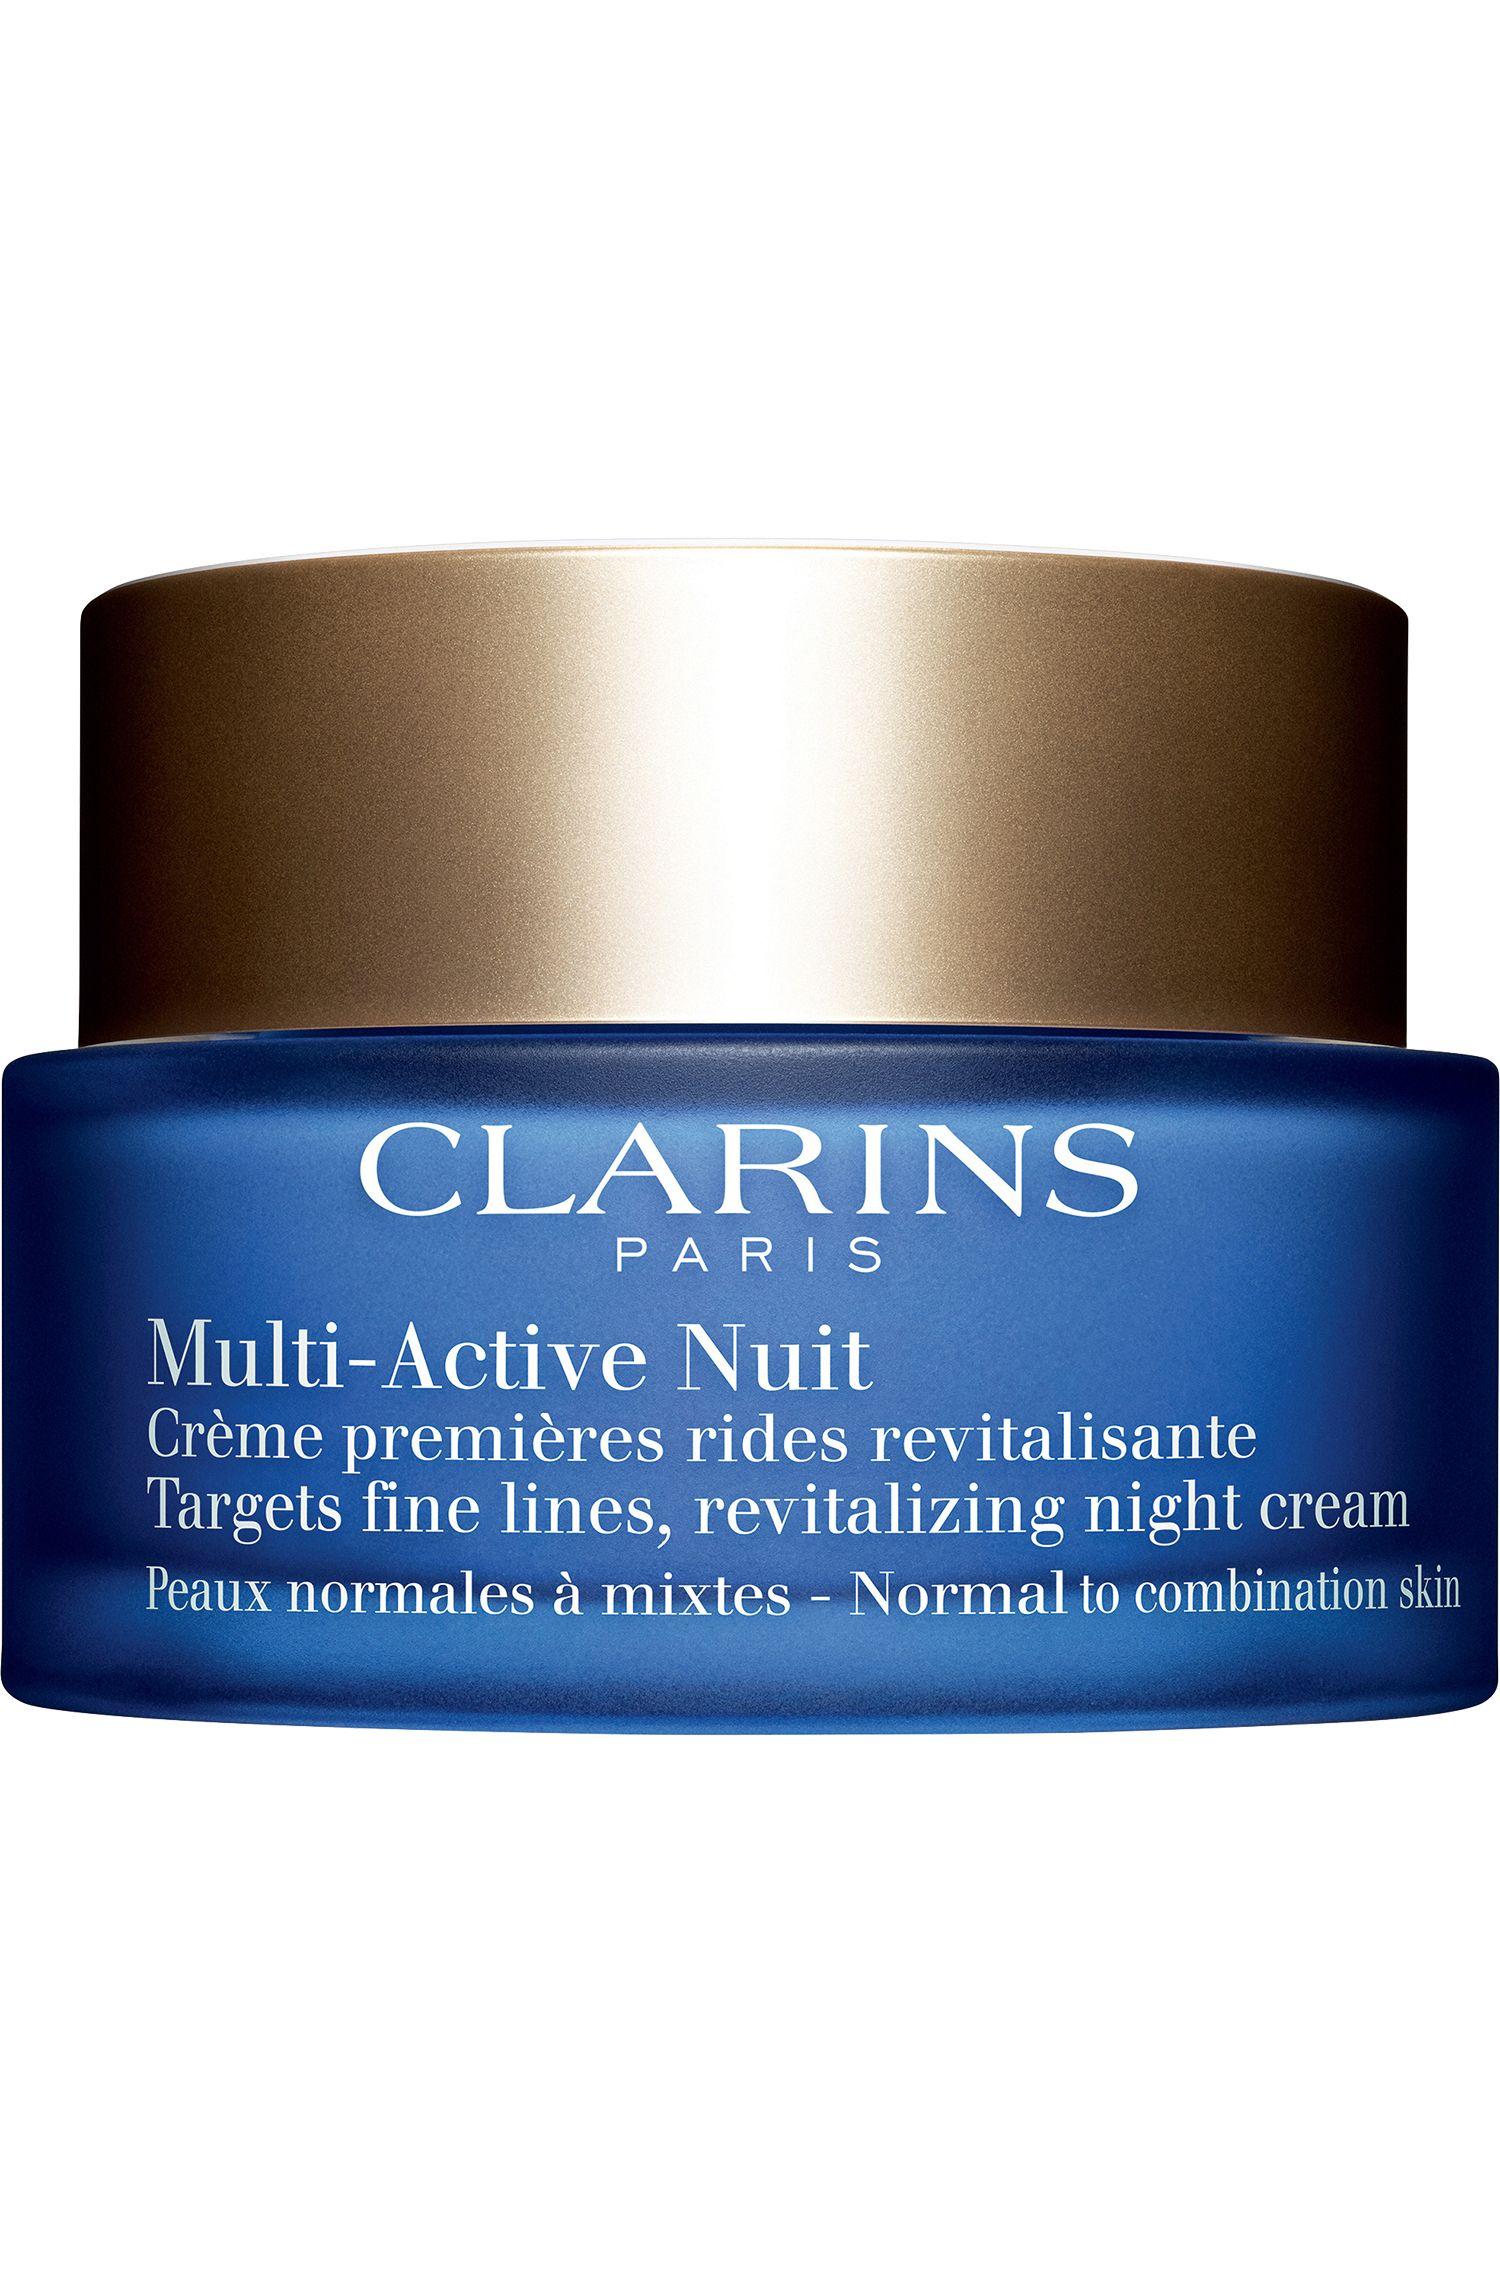 Blissim : Clarins - Crème nuit premières rides Multi-Active - Peaux normales à mixtes